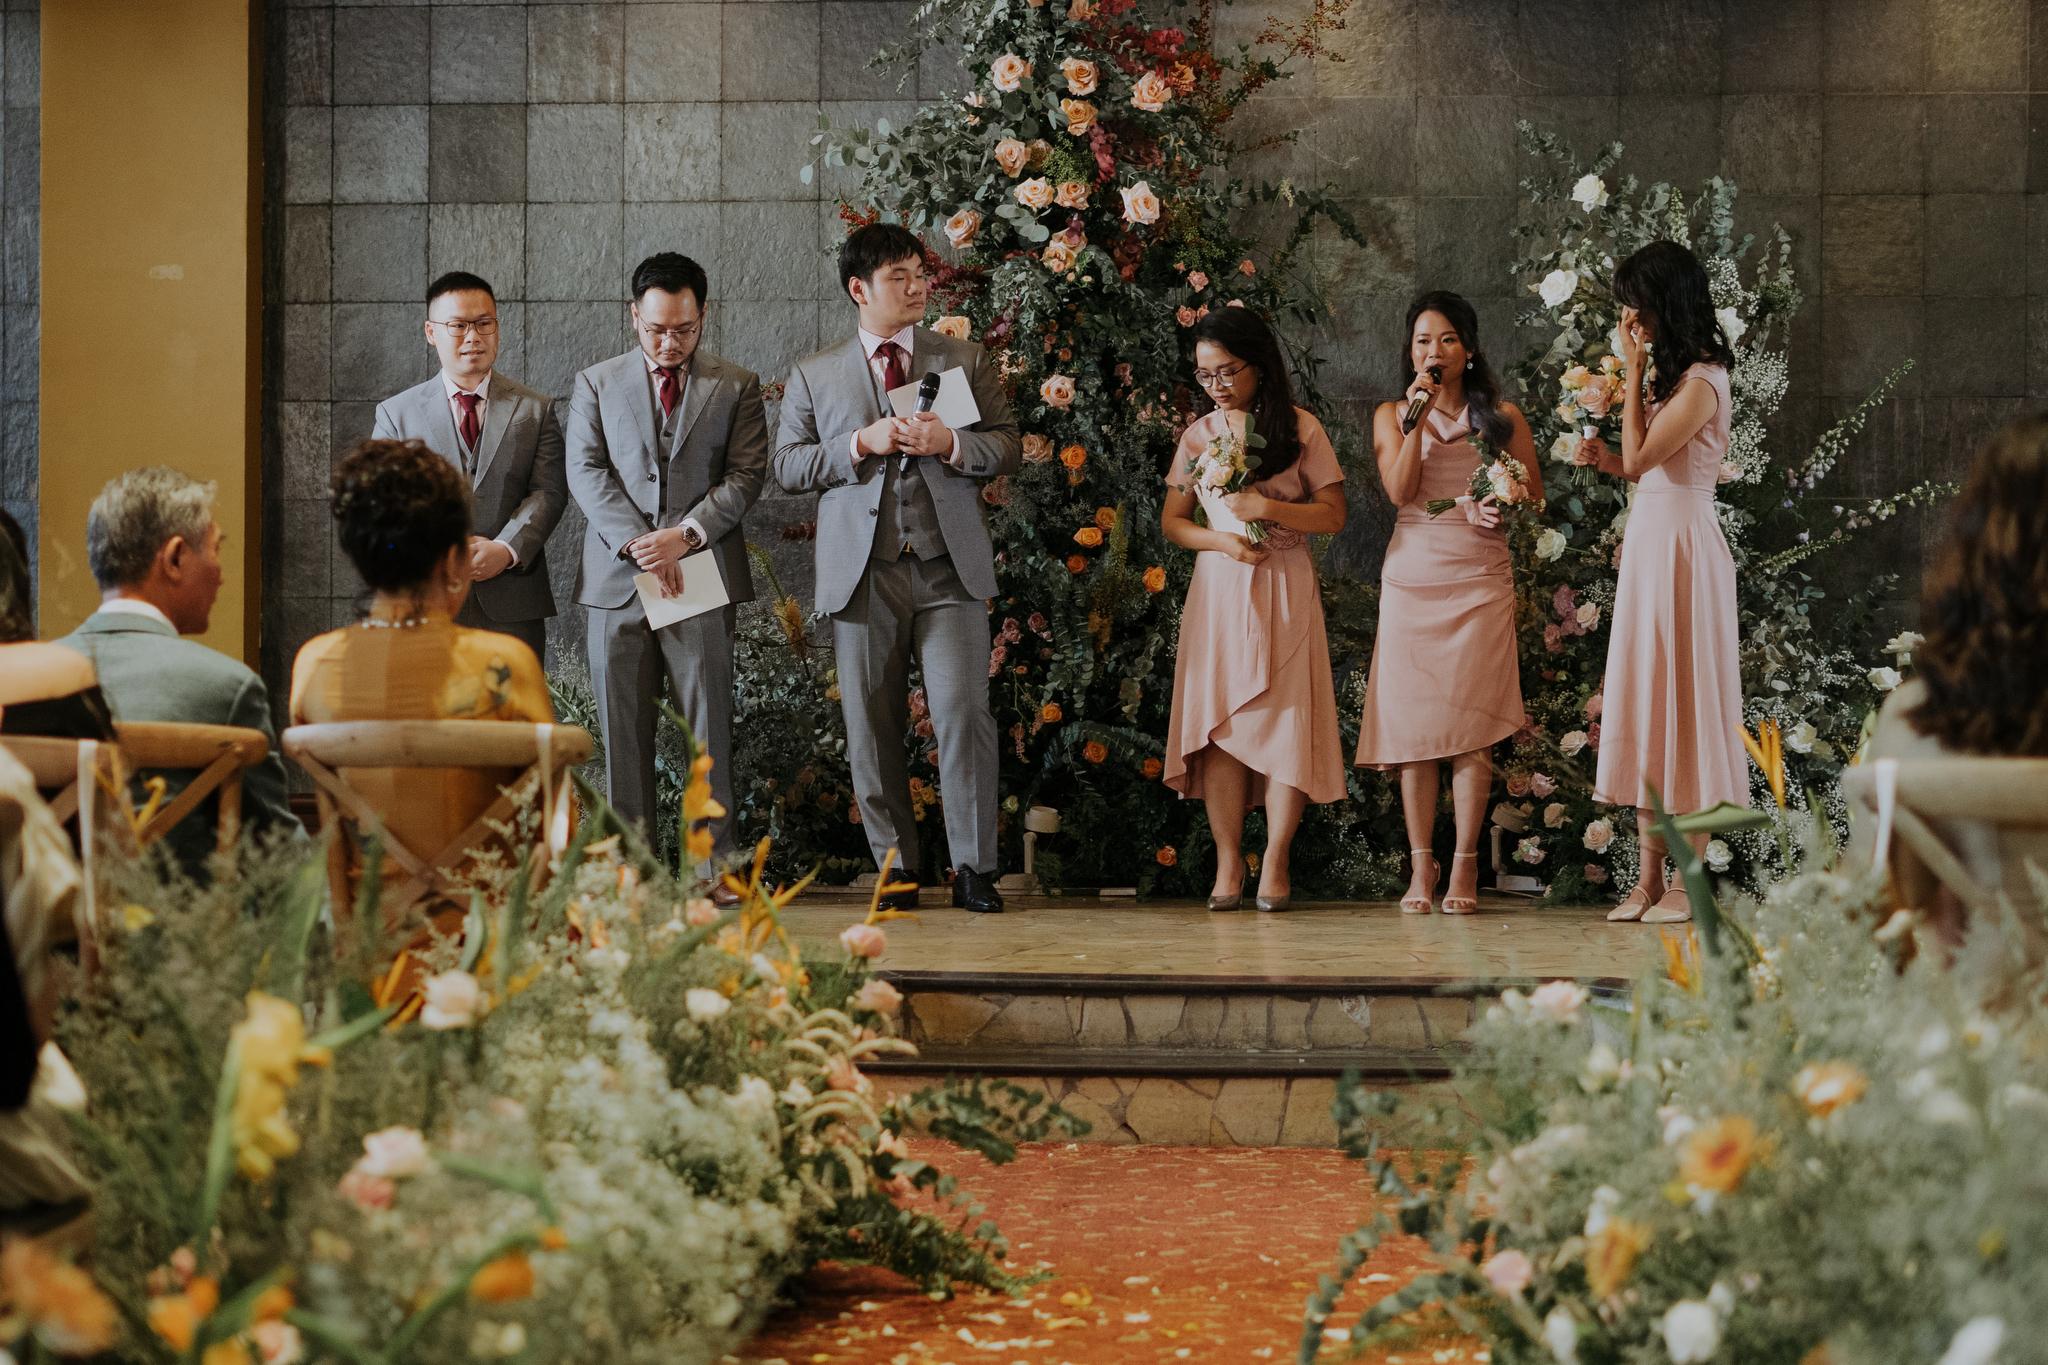 https://huk.s3.amazonaws.com/uploads/image/source/1424/Phuong-Diep-HN-Ceremony-1-0646.JPG